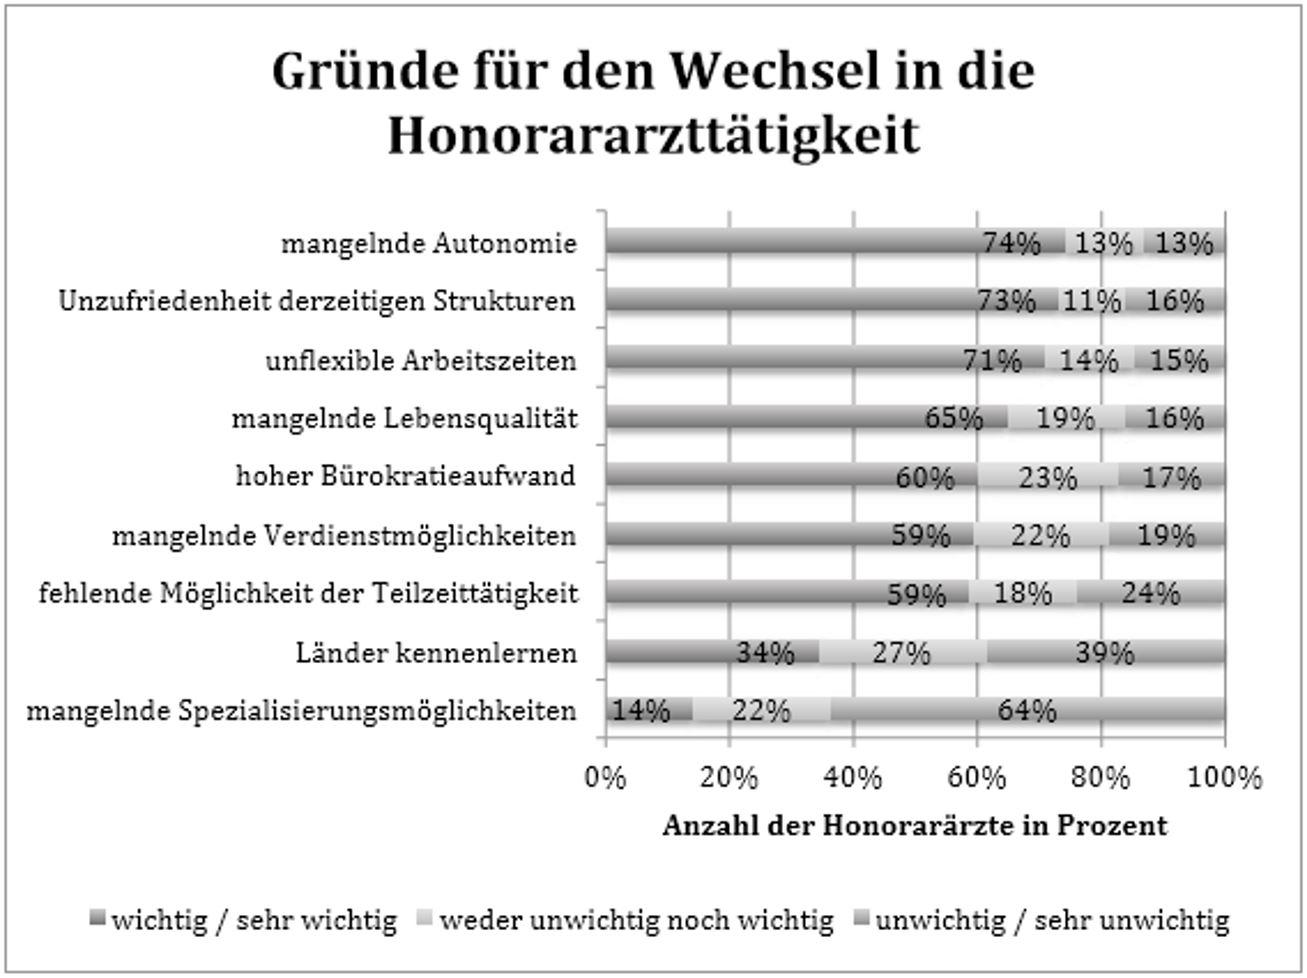 Grafik: Gründe Für Wechsel Zum Honorararzt